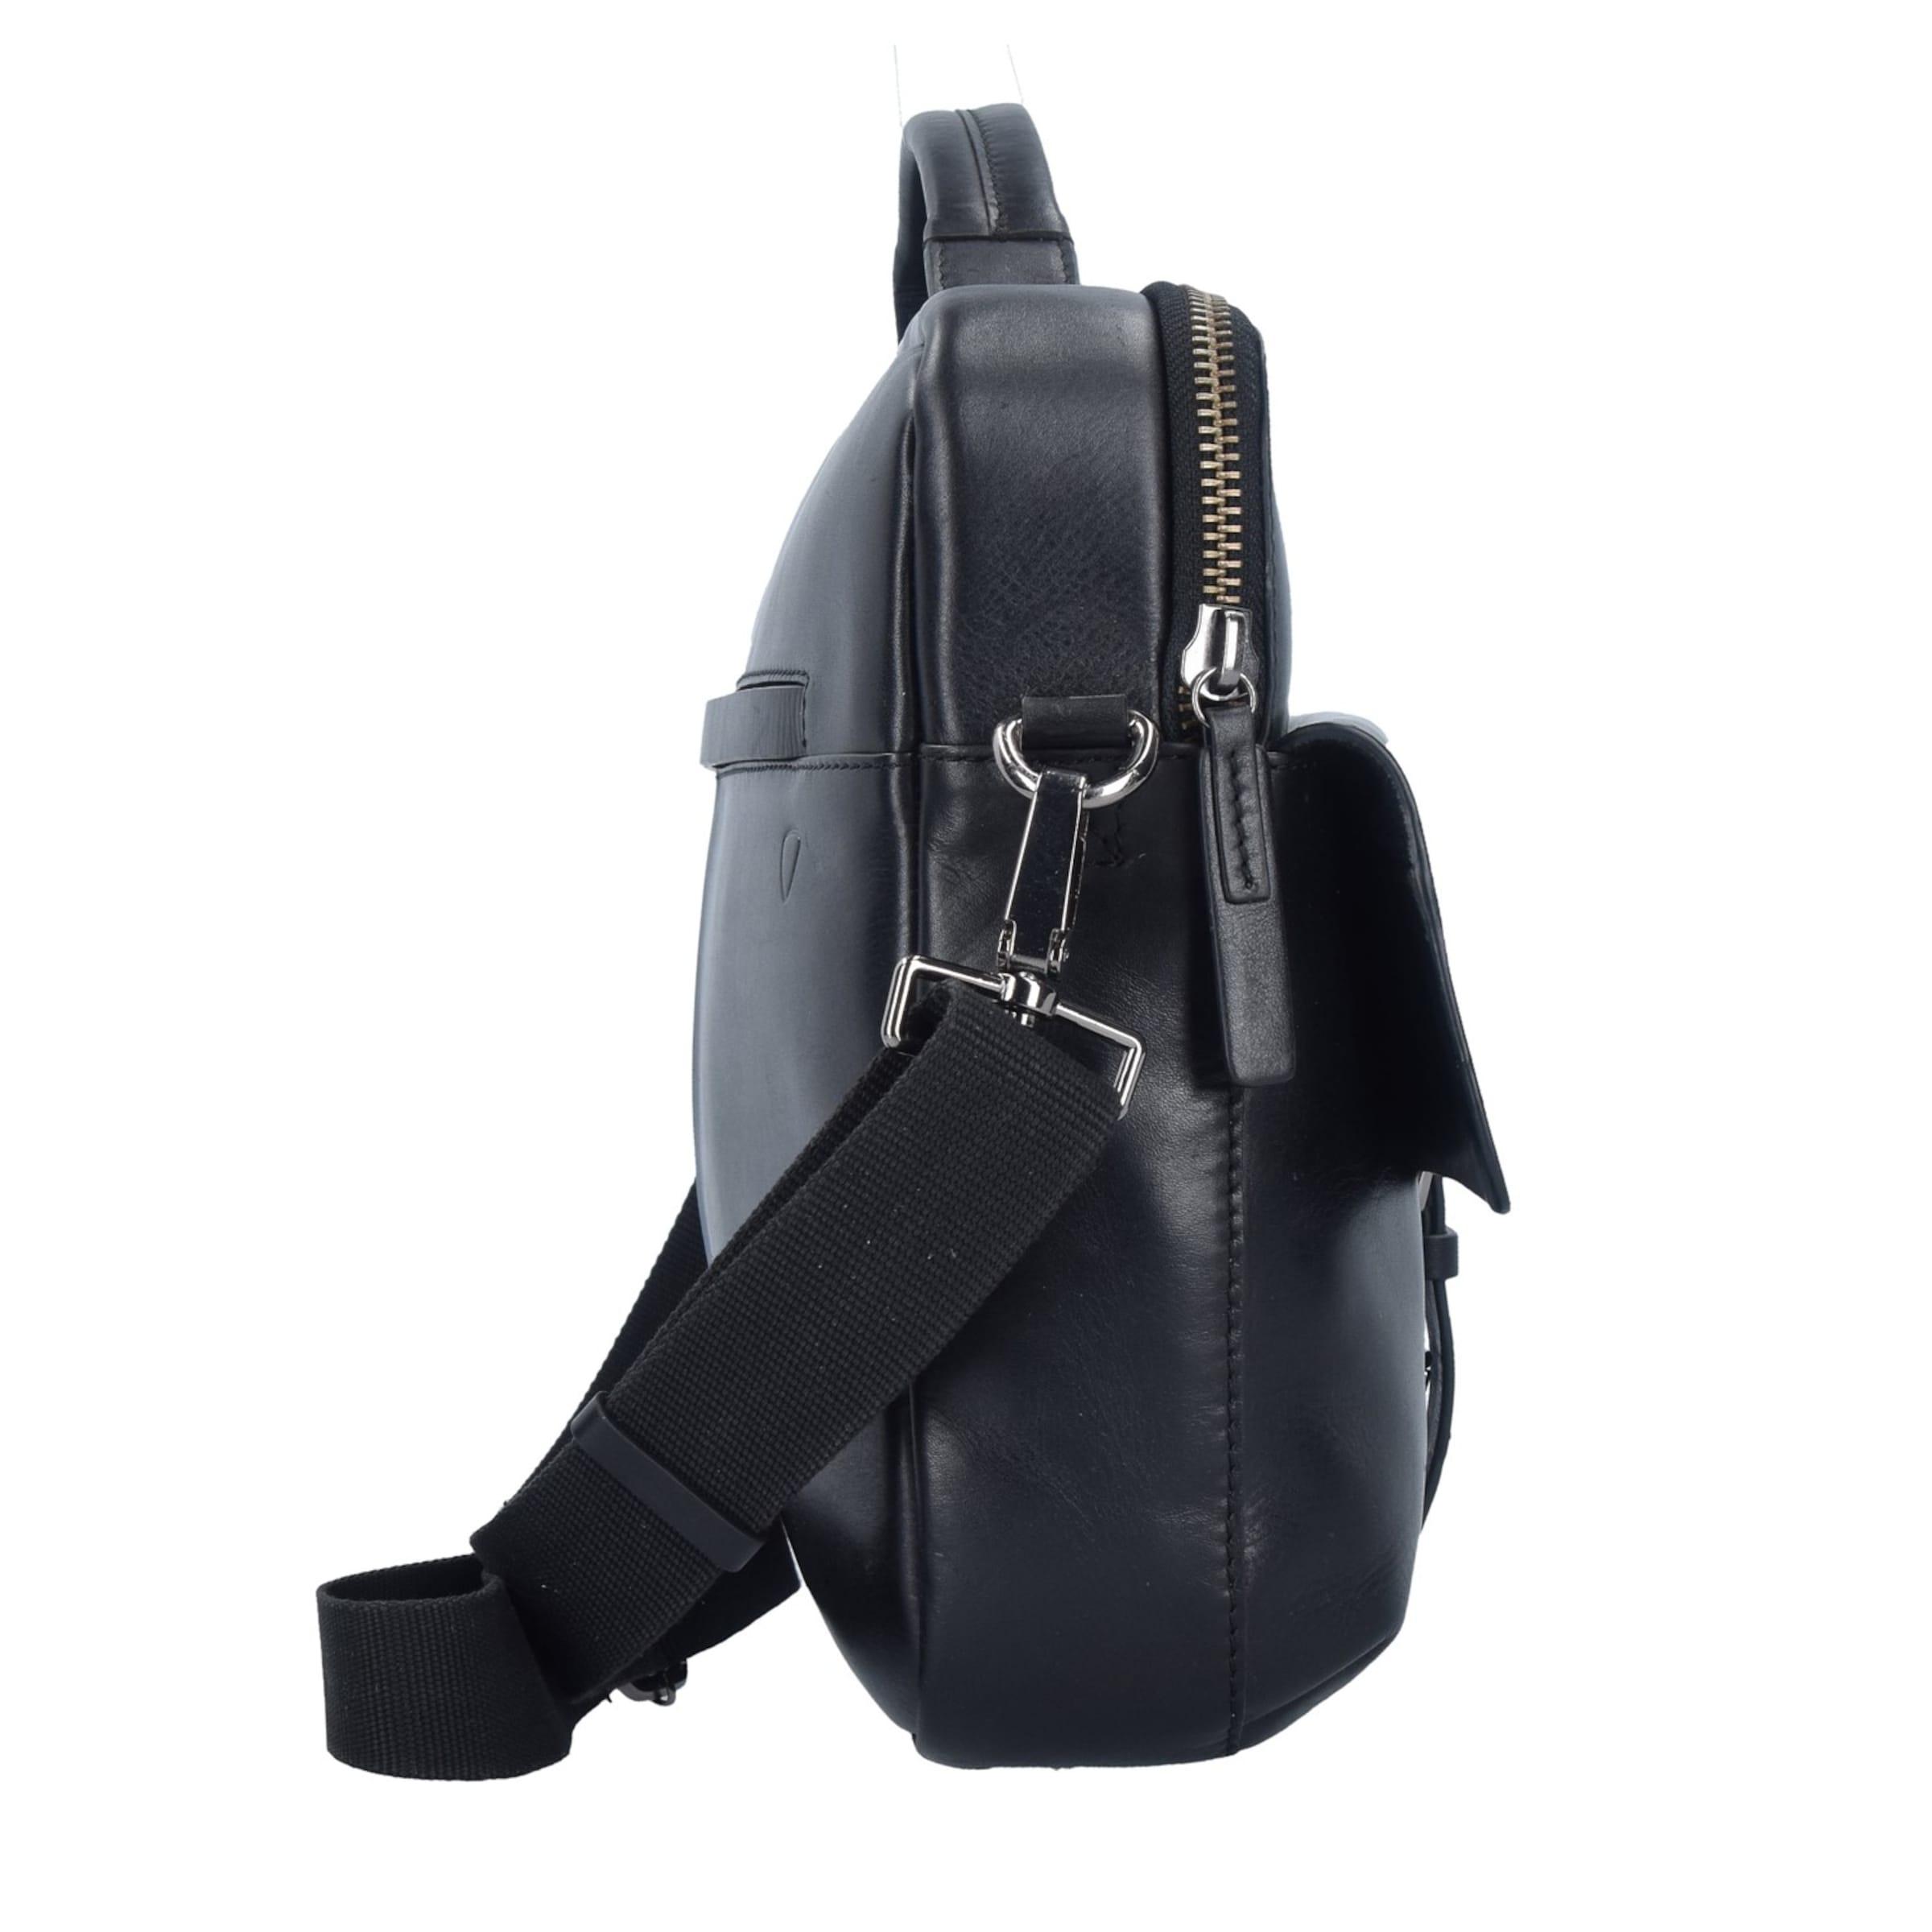 Spielraum Erhalten Zu Kaufen Mit Paypal STRELLSON Scott Aktentasche Leder 37 cm Fabrikverkauf cjHAIpkZc